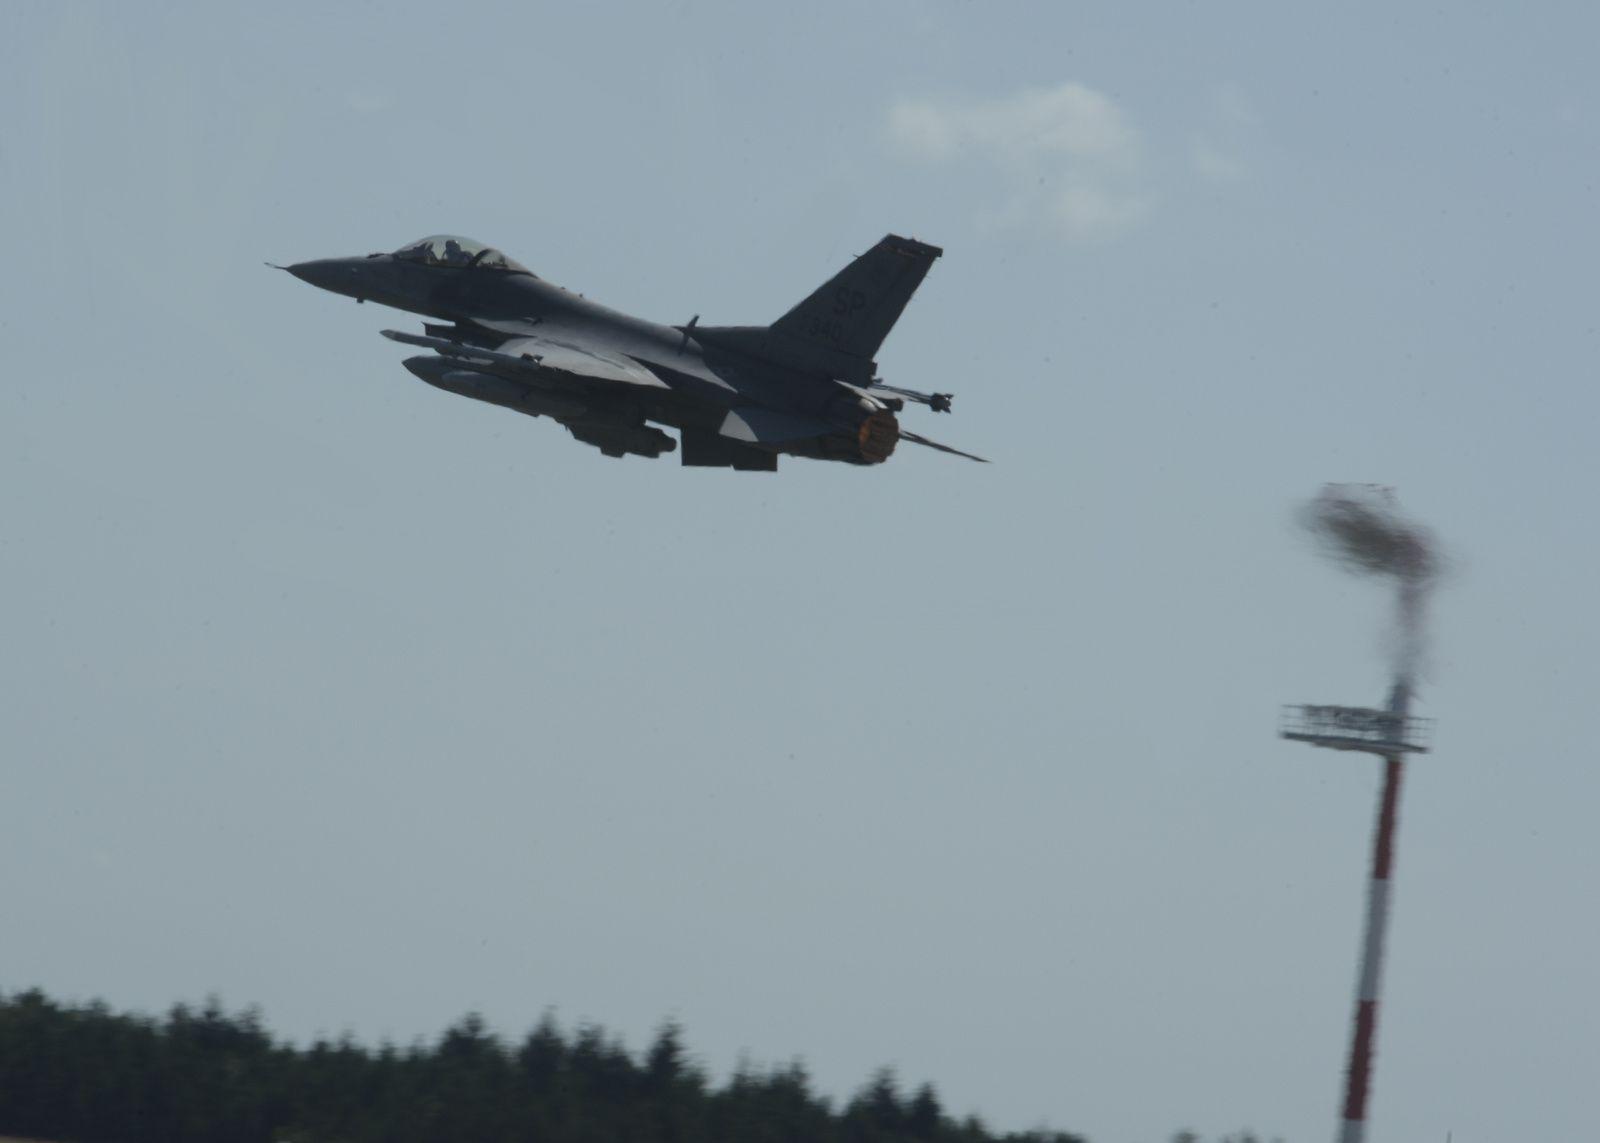 Un F-16C de l'US Air Force s'est écrasé en Allemagne